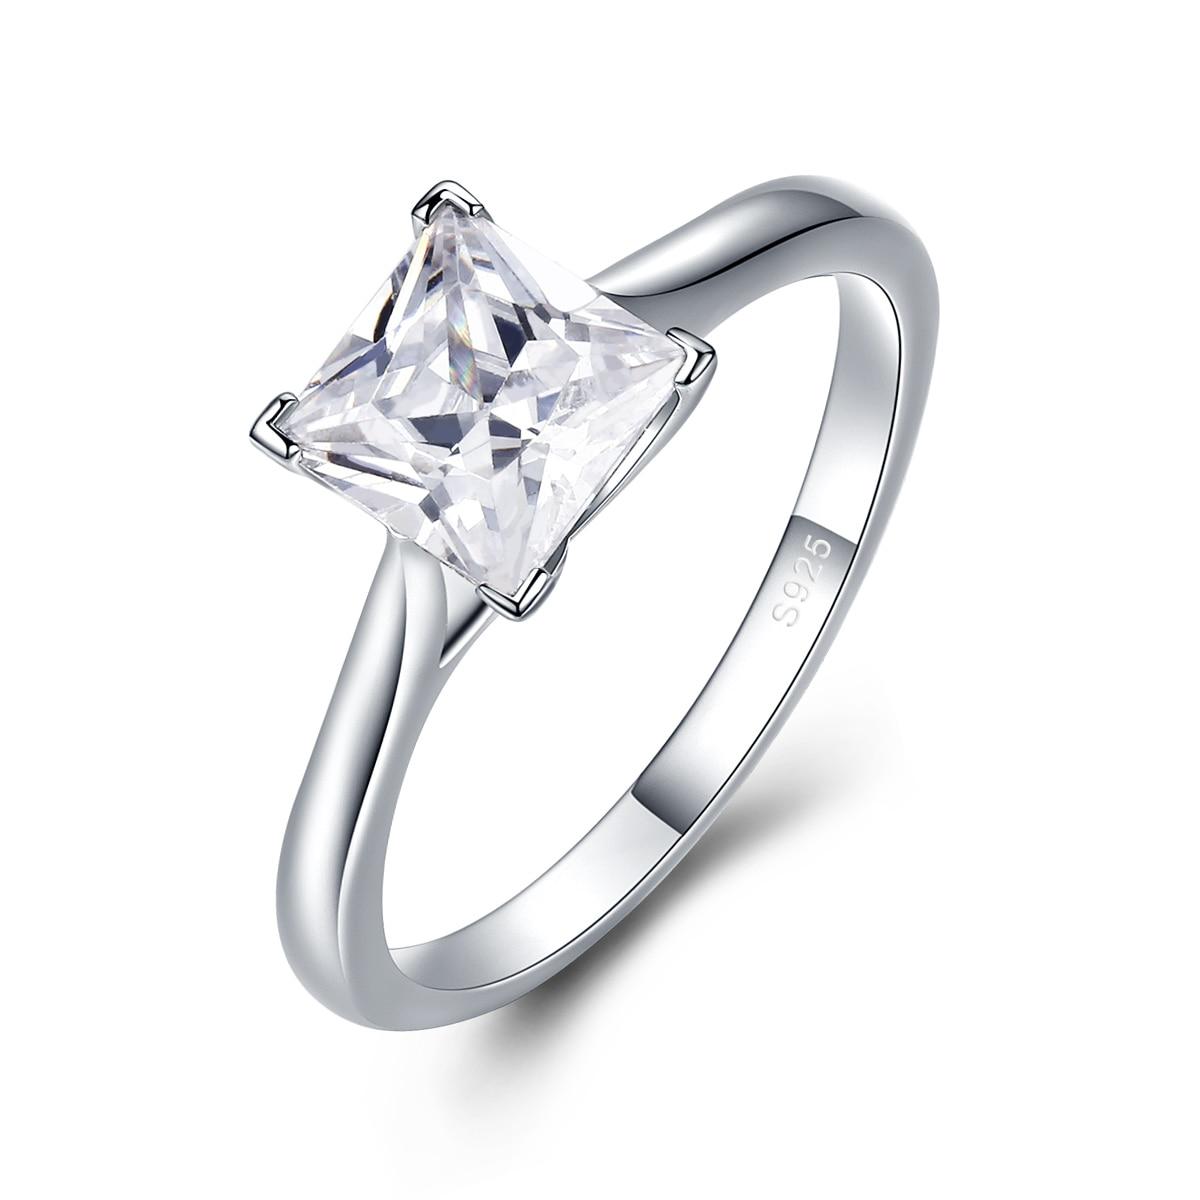 Anillo de estrella brillante PR1, anillos de cadena de eslabones para mujer, joyería de plata esterlina